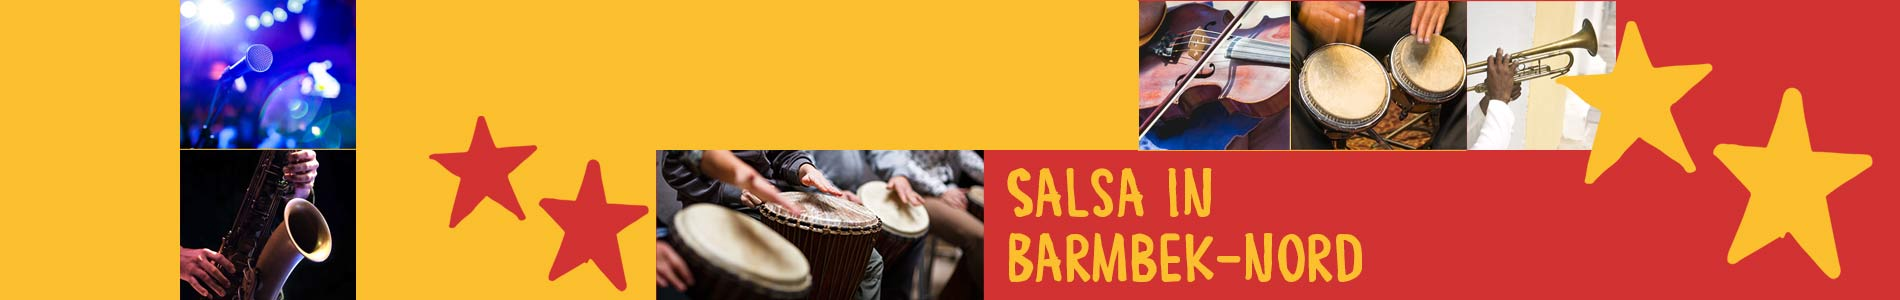 Salsa in Barmbek-Nord – Salsa lernen und tanzen, Tanzkurse, Partys, Veranstaltungen